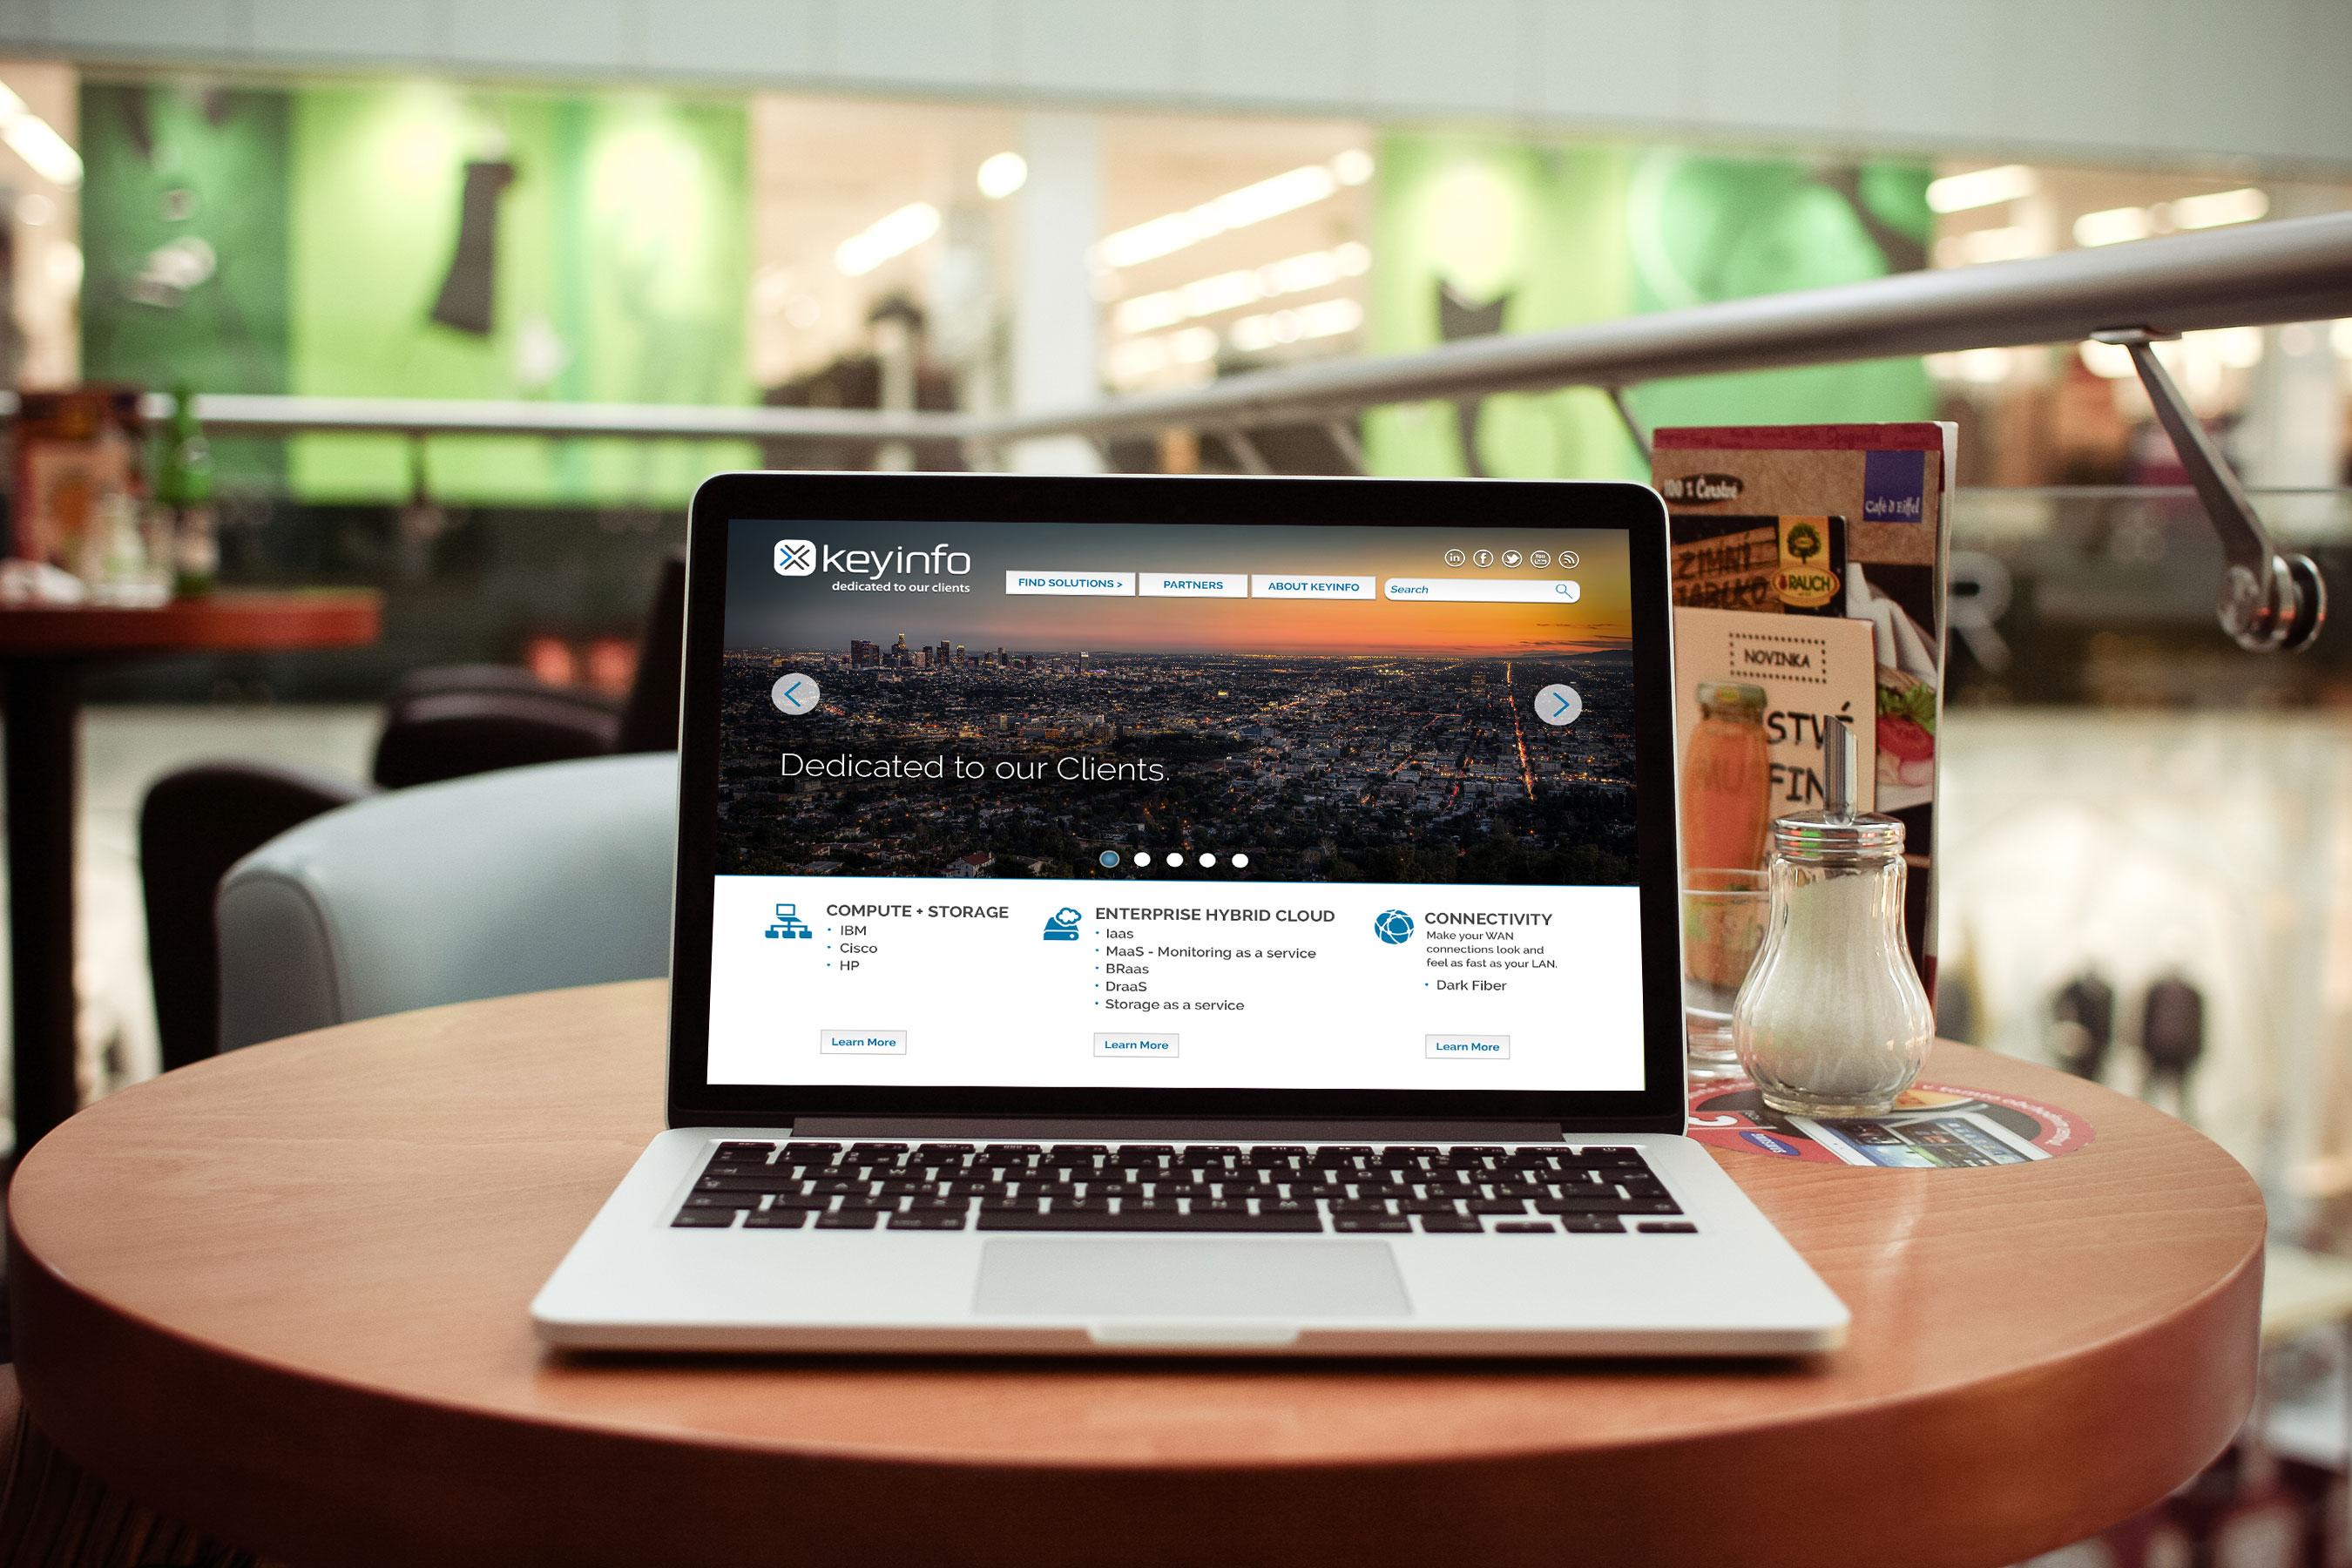 keyinfo_homepage.jpg